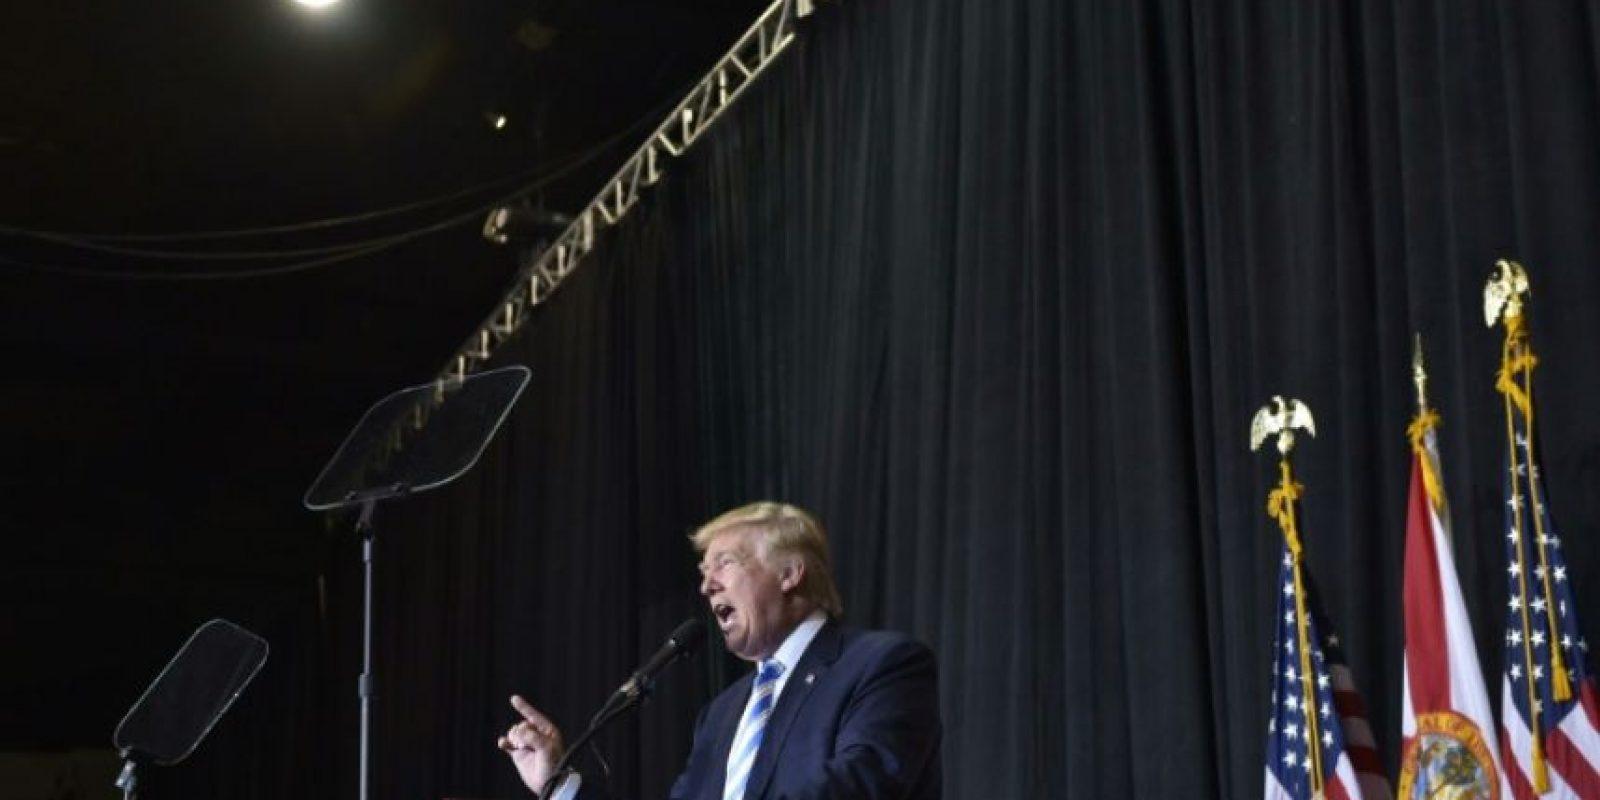 El candidato republicano a la presidencia de EEUU, Donald Trump, hace campaña en Sarasota, Florida, el 7 de noviembre de 2016 Foto:Mandel Ngan/afp.com